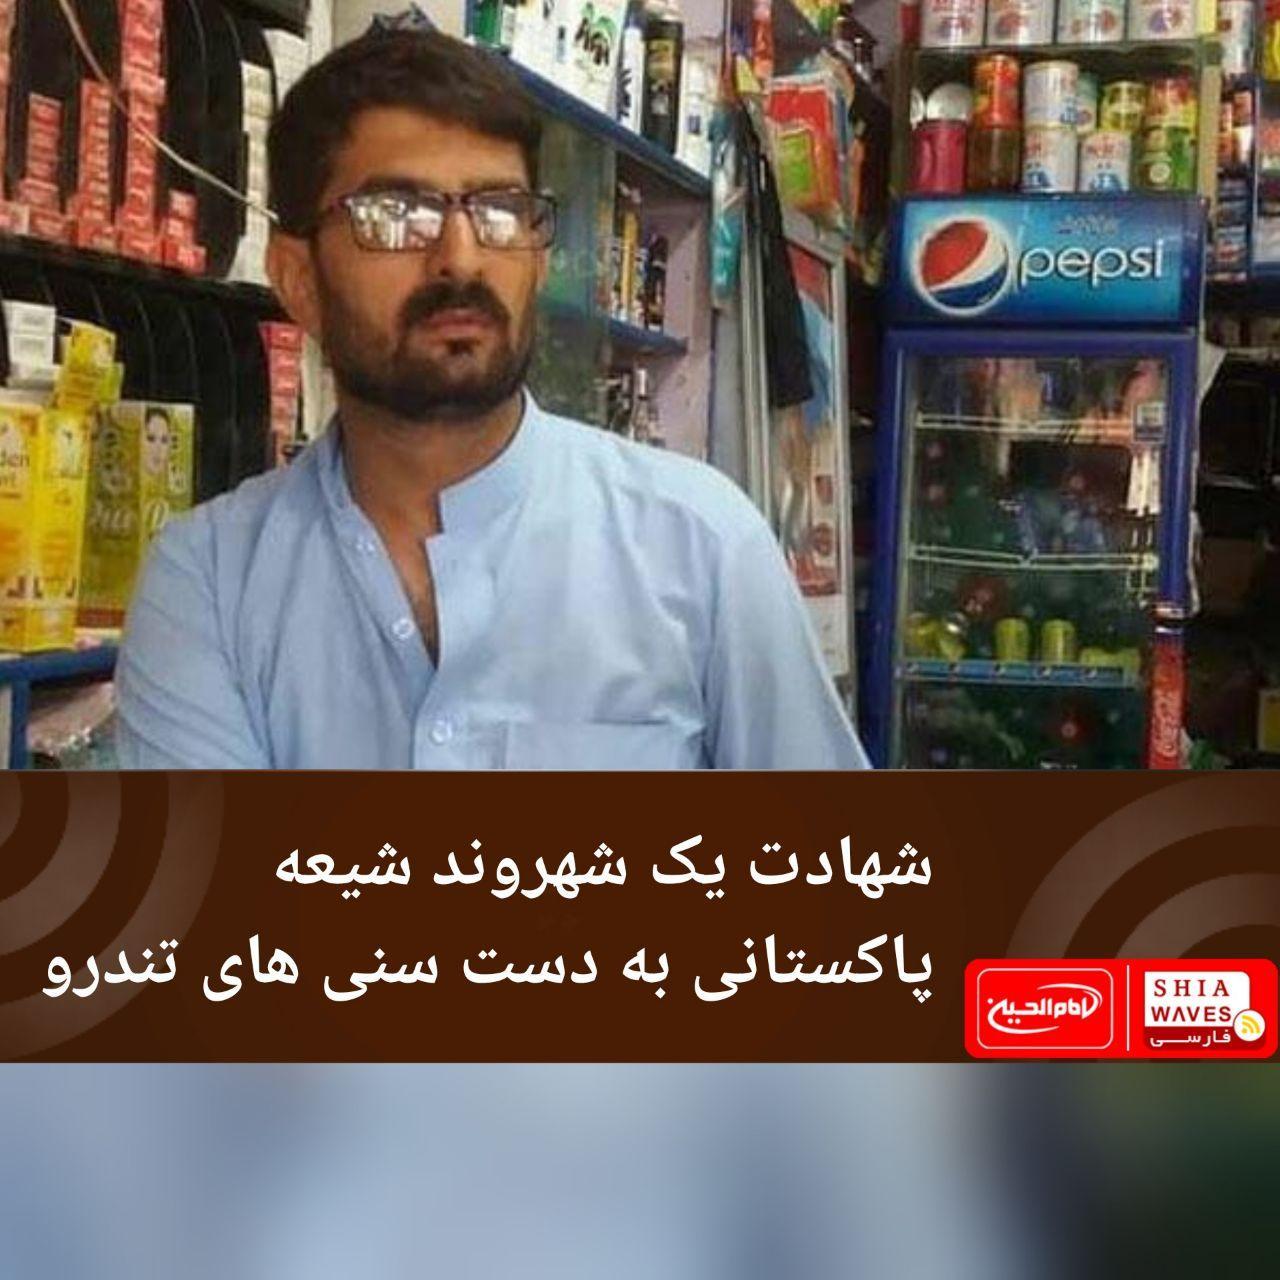 تصویر شهادت یک شهروند شیعه پاکستانی به دست سنی های تندرو